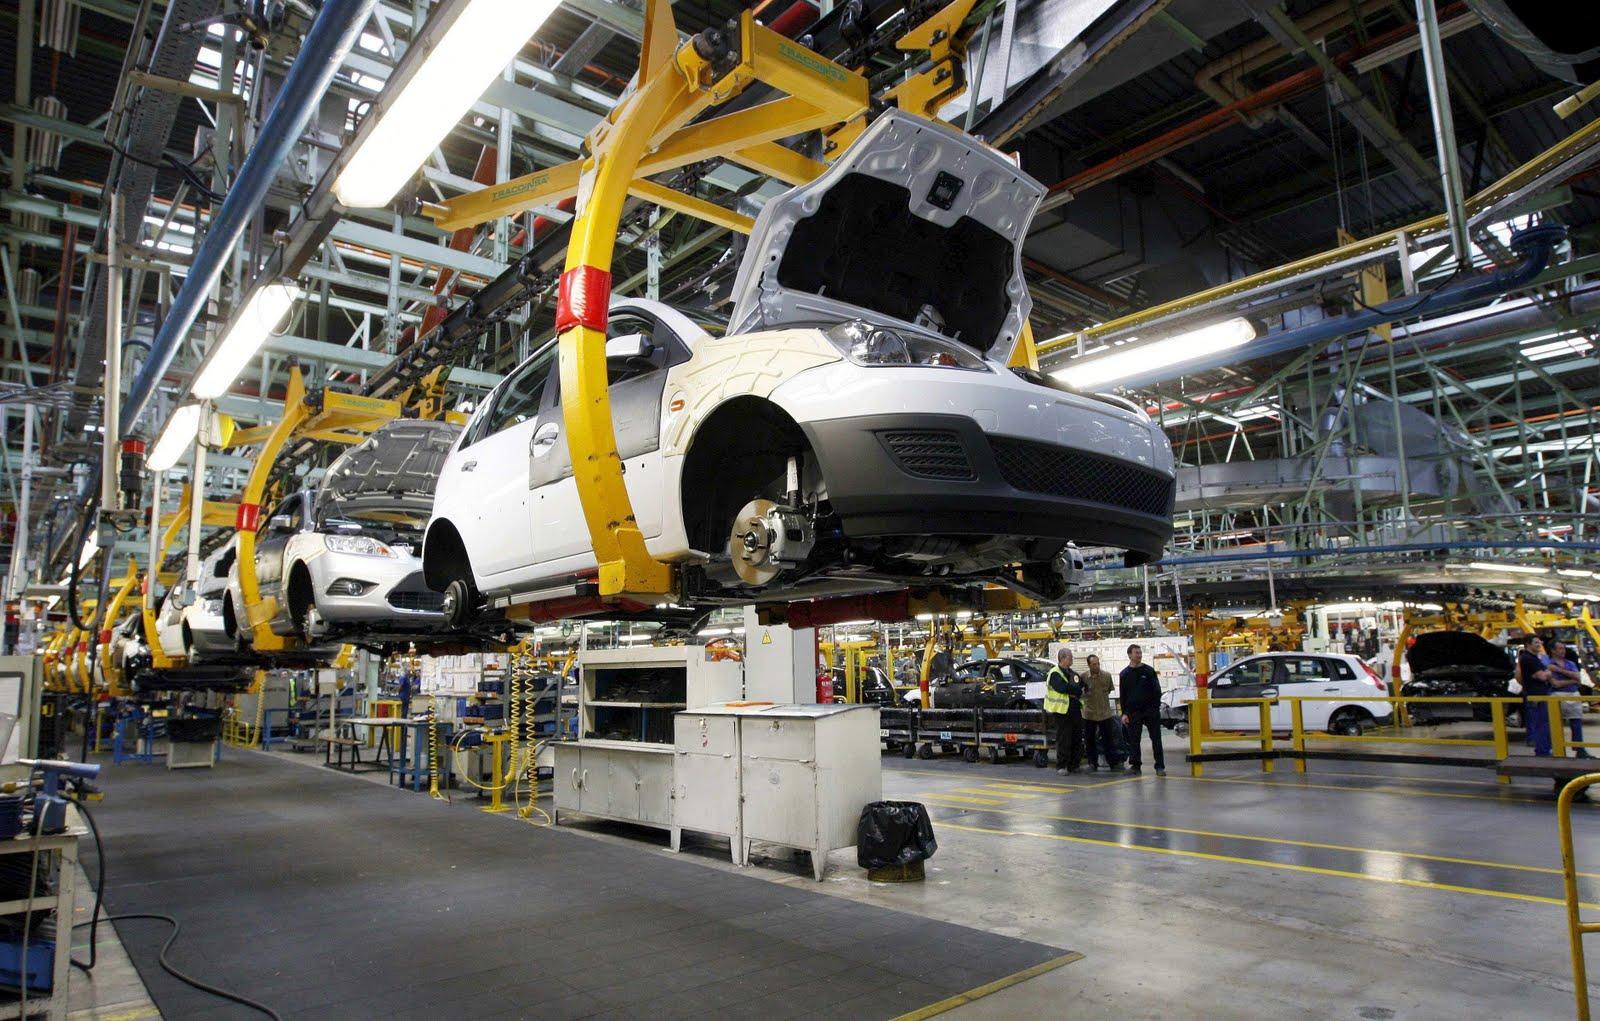 Las empresas asiáticas involucradas en la crisis de microchips que afecta a la industria automotriz